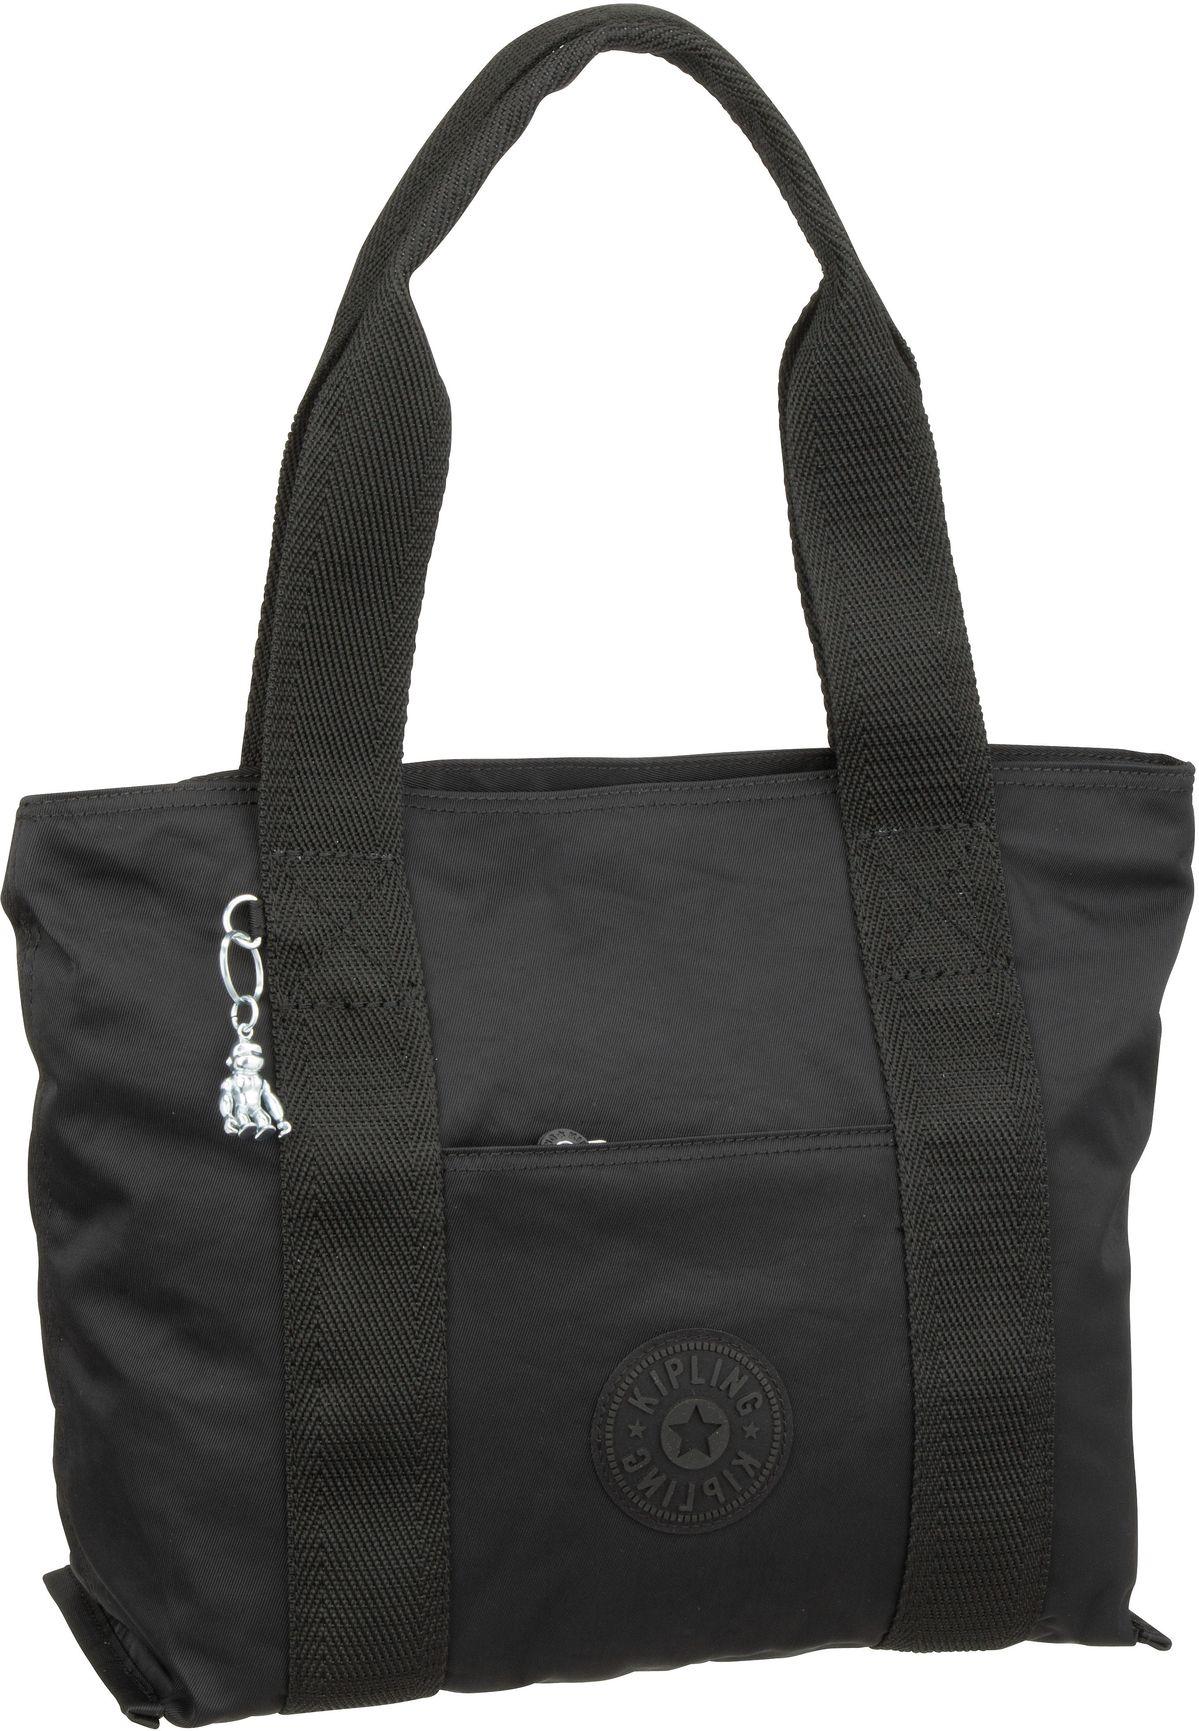 Handtasche Era S Edgeland Rich Black (15 Liter)